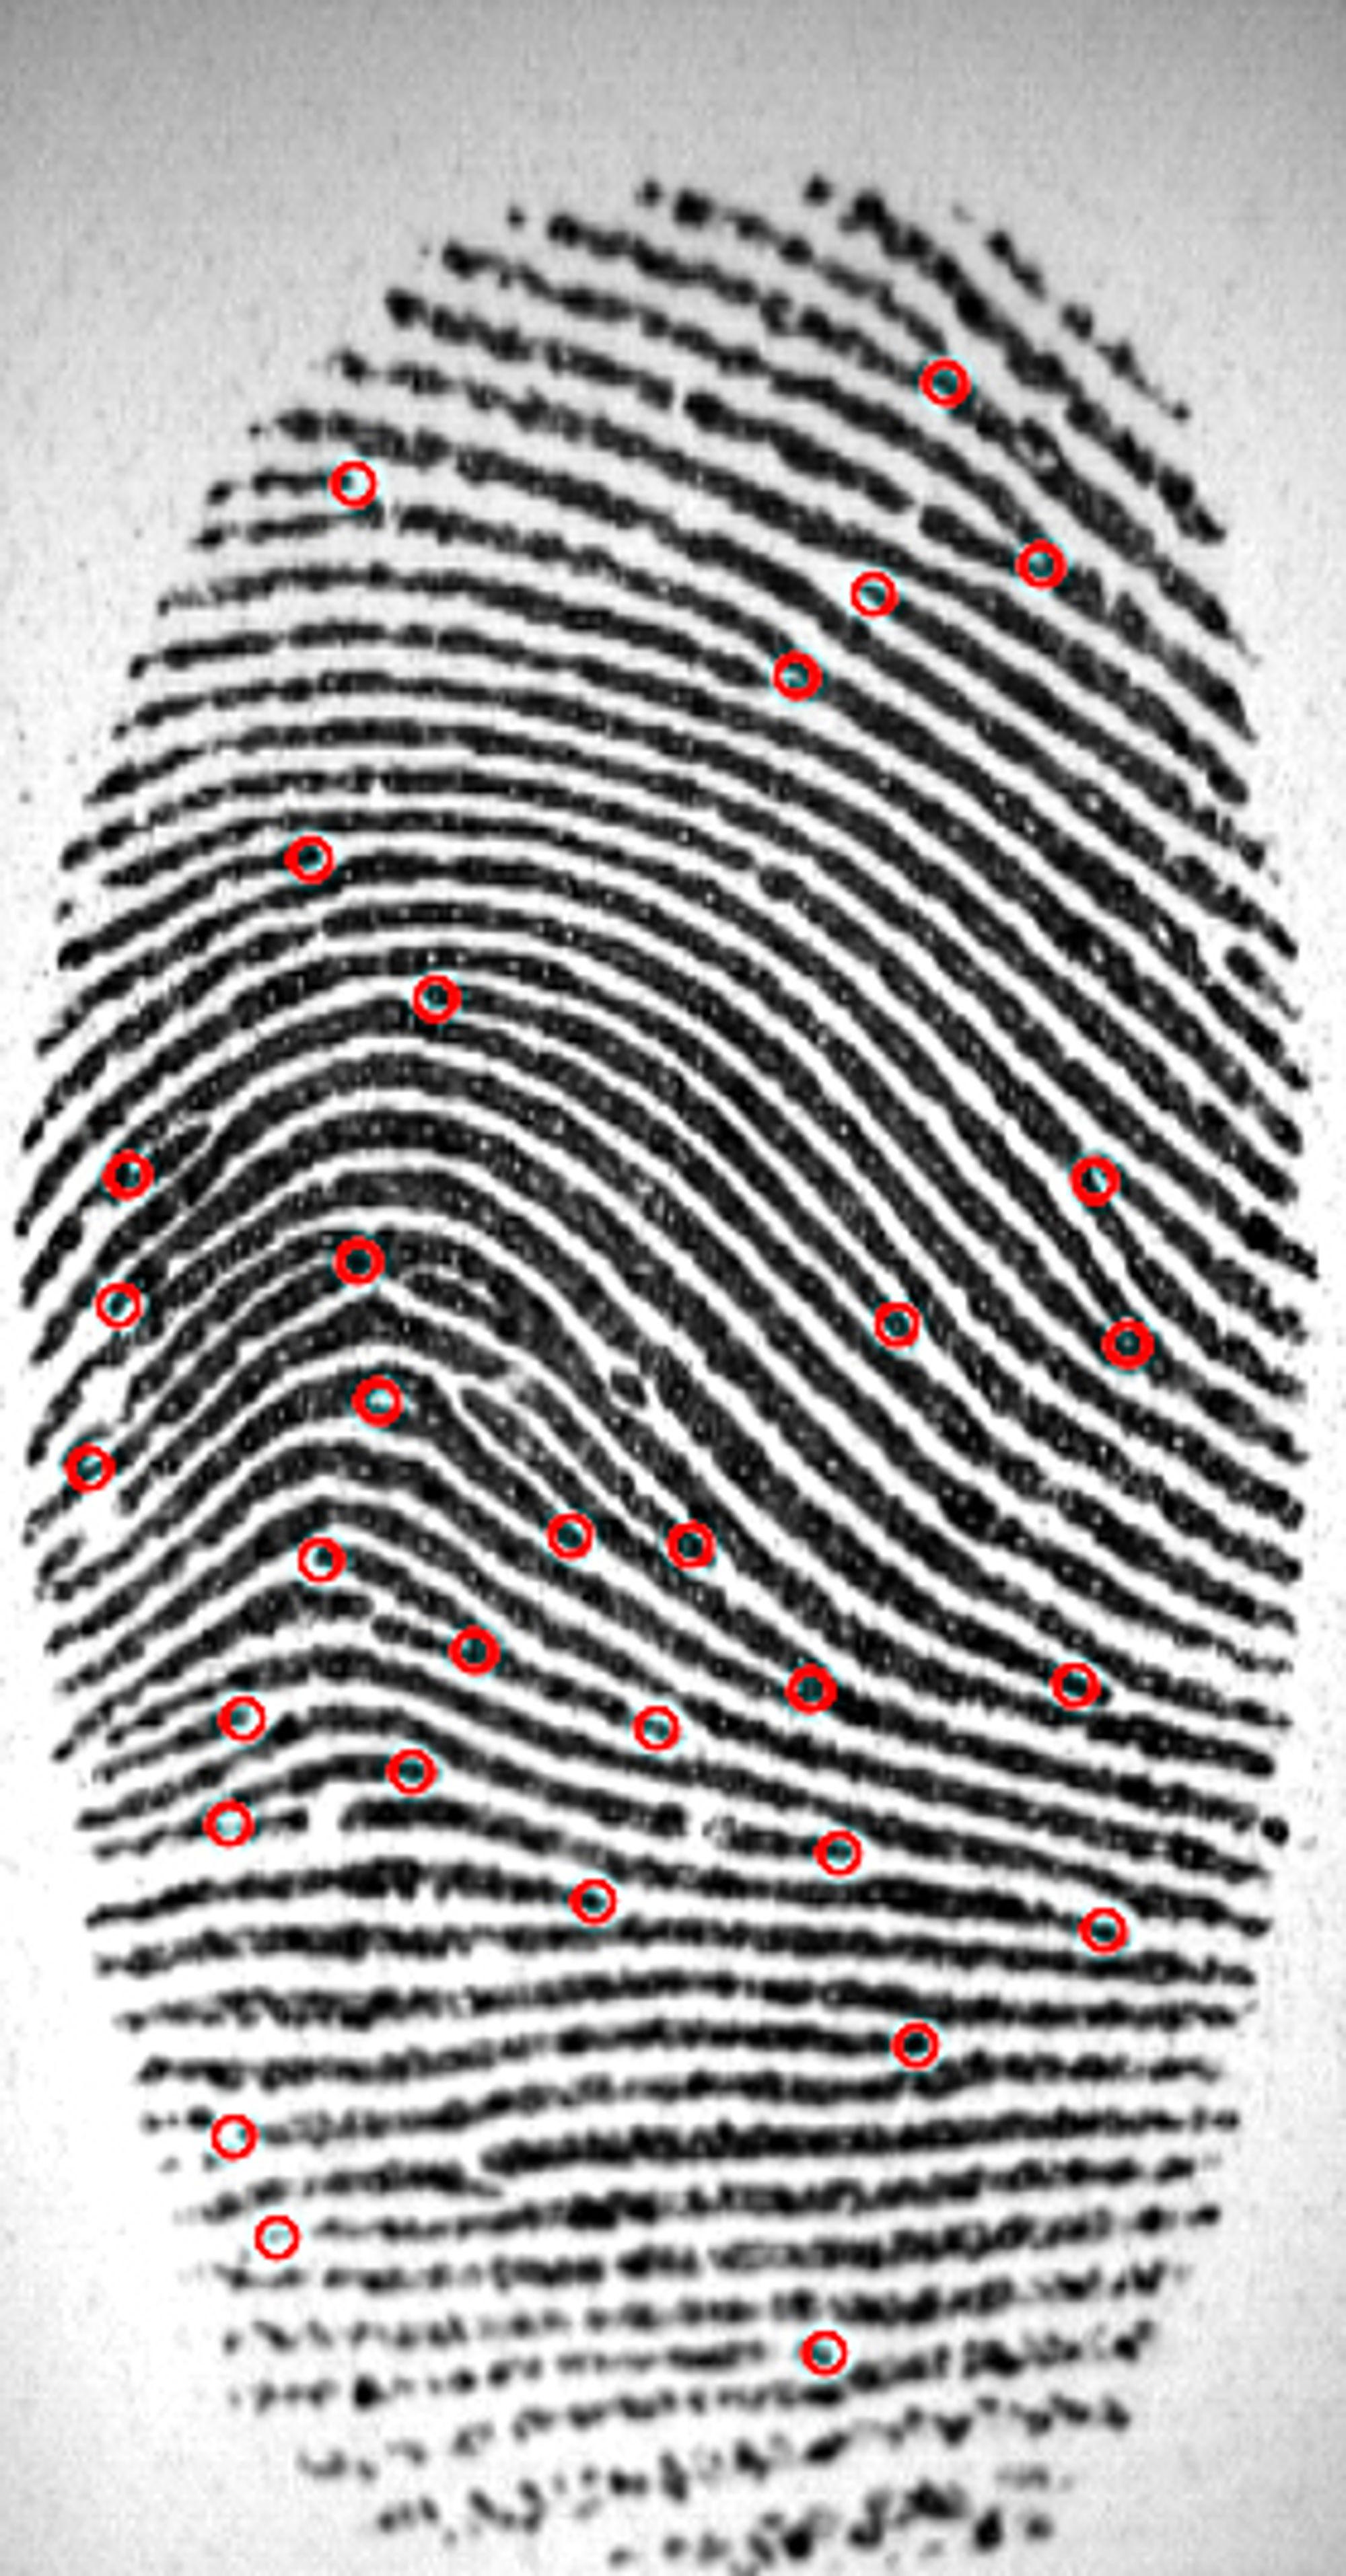 Bildet viser hvordan Guoqian Li kartlegger hvordan linjene i et fingeravtrykk smelter sammen, og skiller lag. Disse punktene er markert med rødt og gir langt større treffsikkerhet enn å bare å se på mønsteret linjene danner.